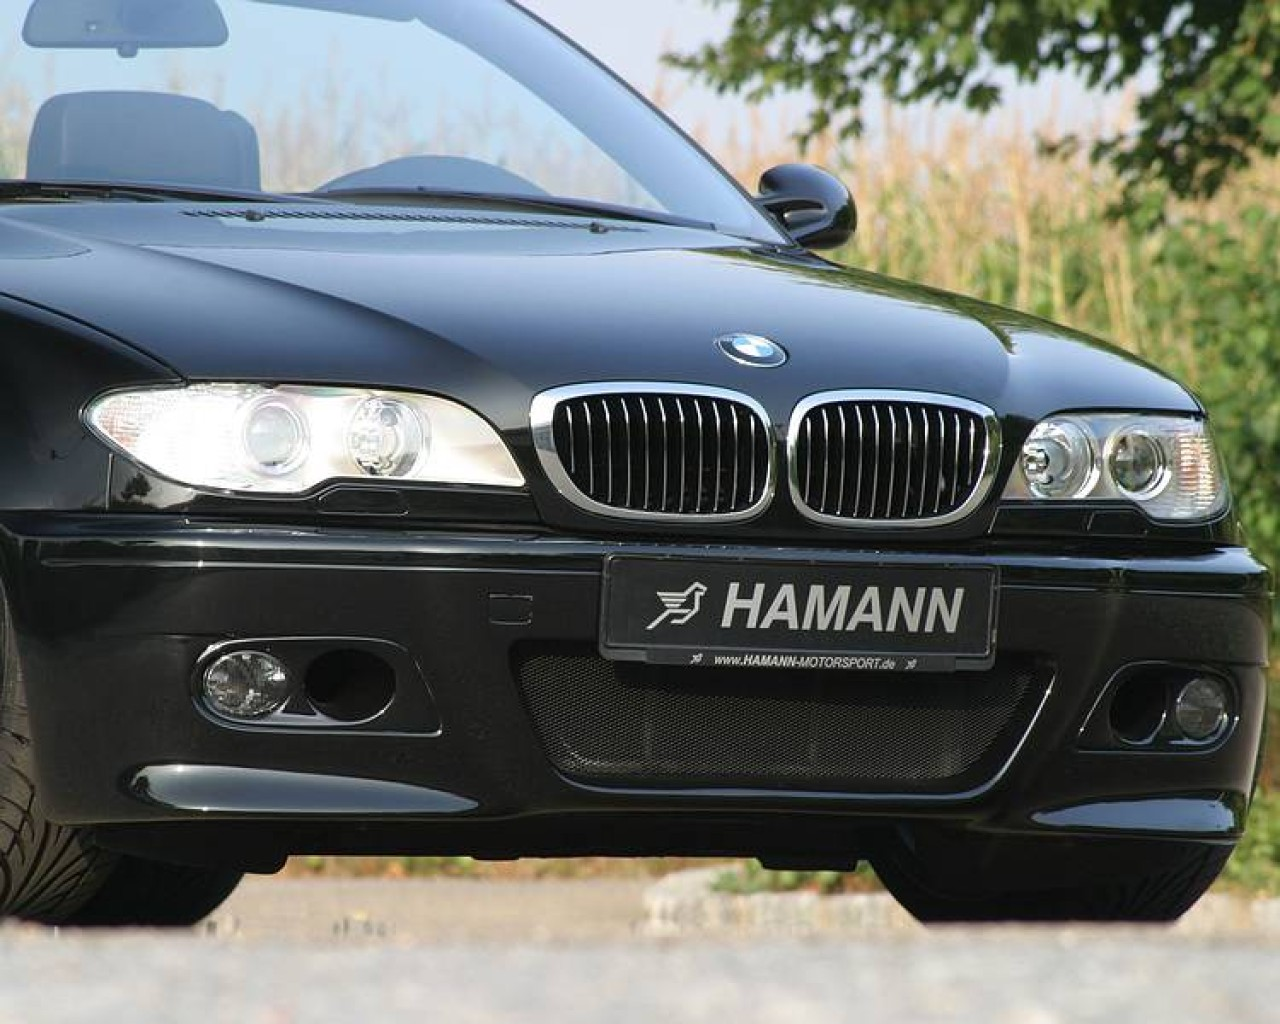 Rame Proiectoare Bmw e46 Hamann M3